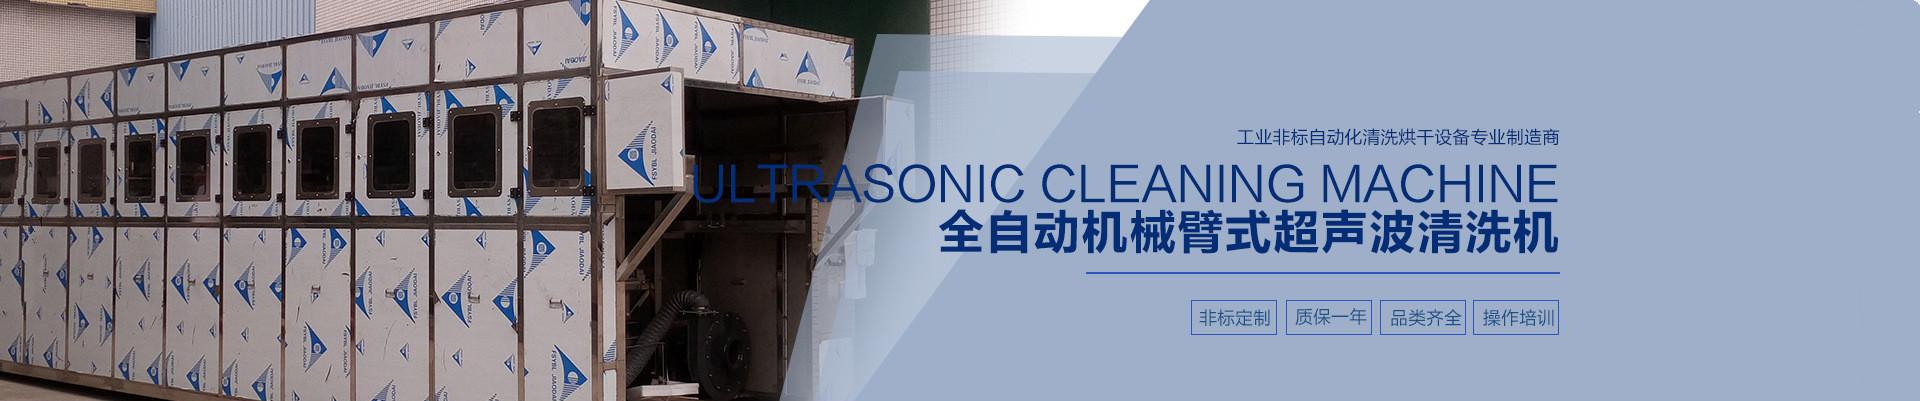 广东顺德佳和达清洗设备有限公司